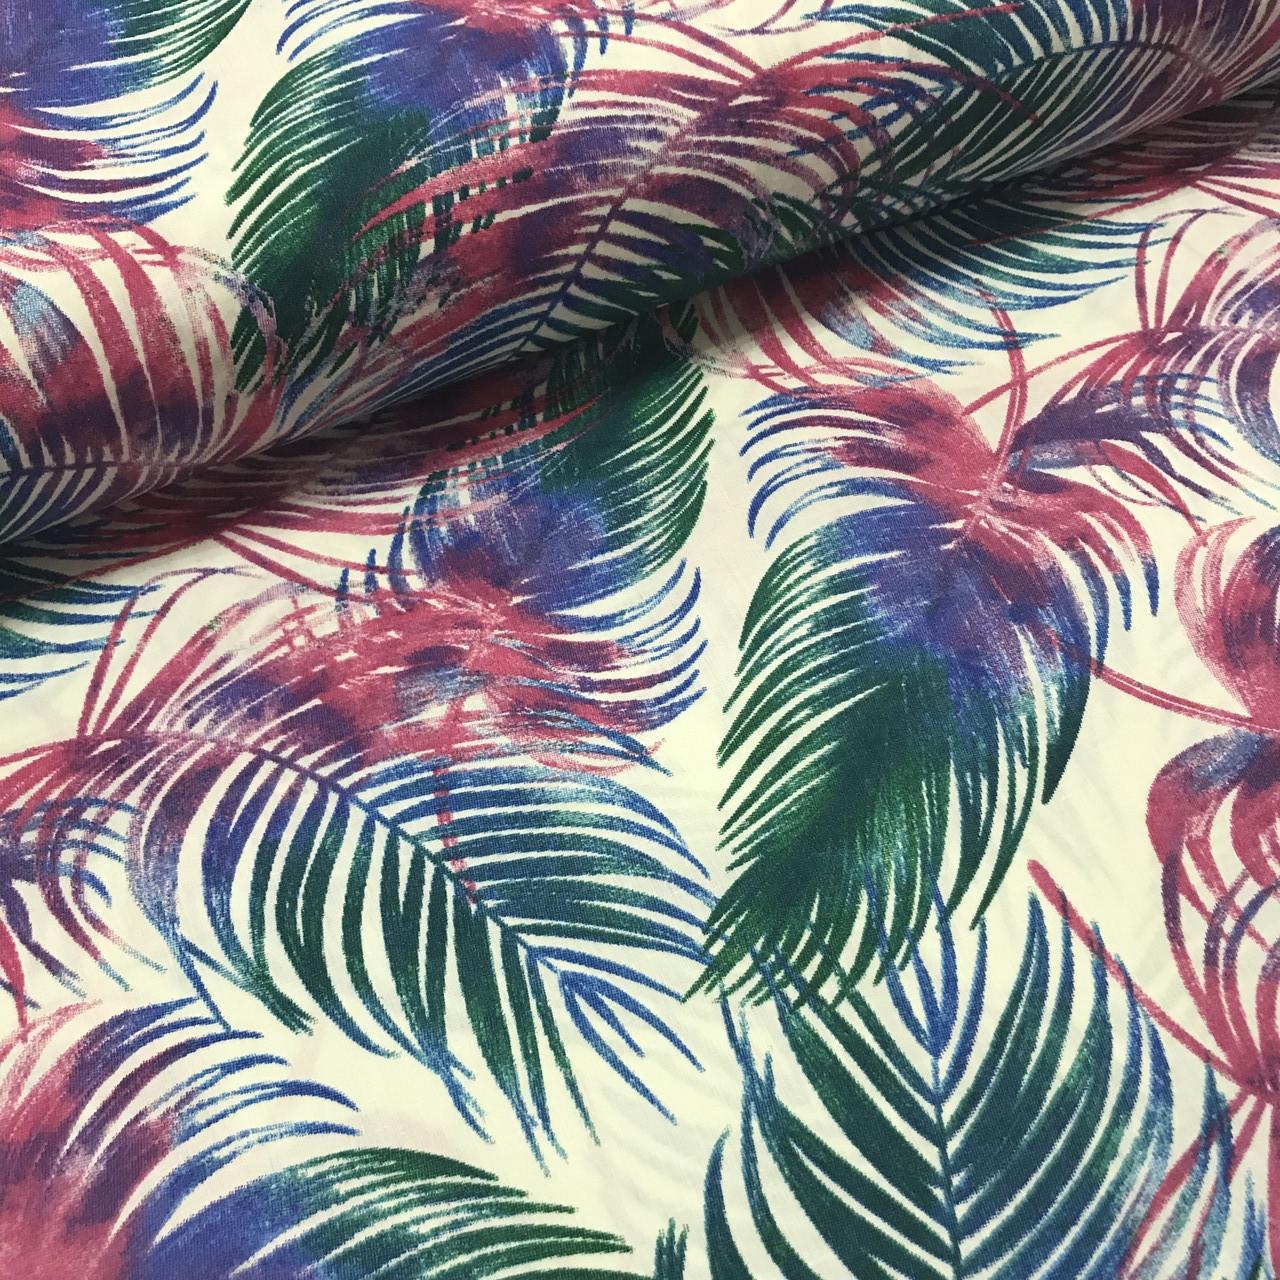 Хлопковая ткань польская, цветные листья пальмы изумрудно-розовые на белом ОТРЕЗ (1.6*1.6)